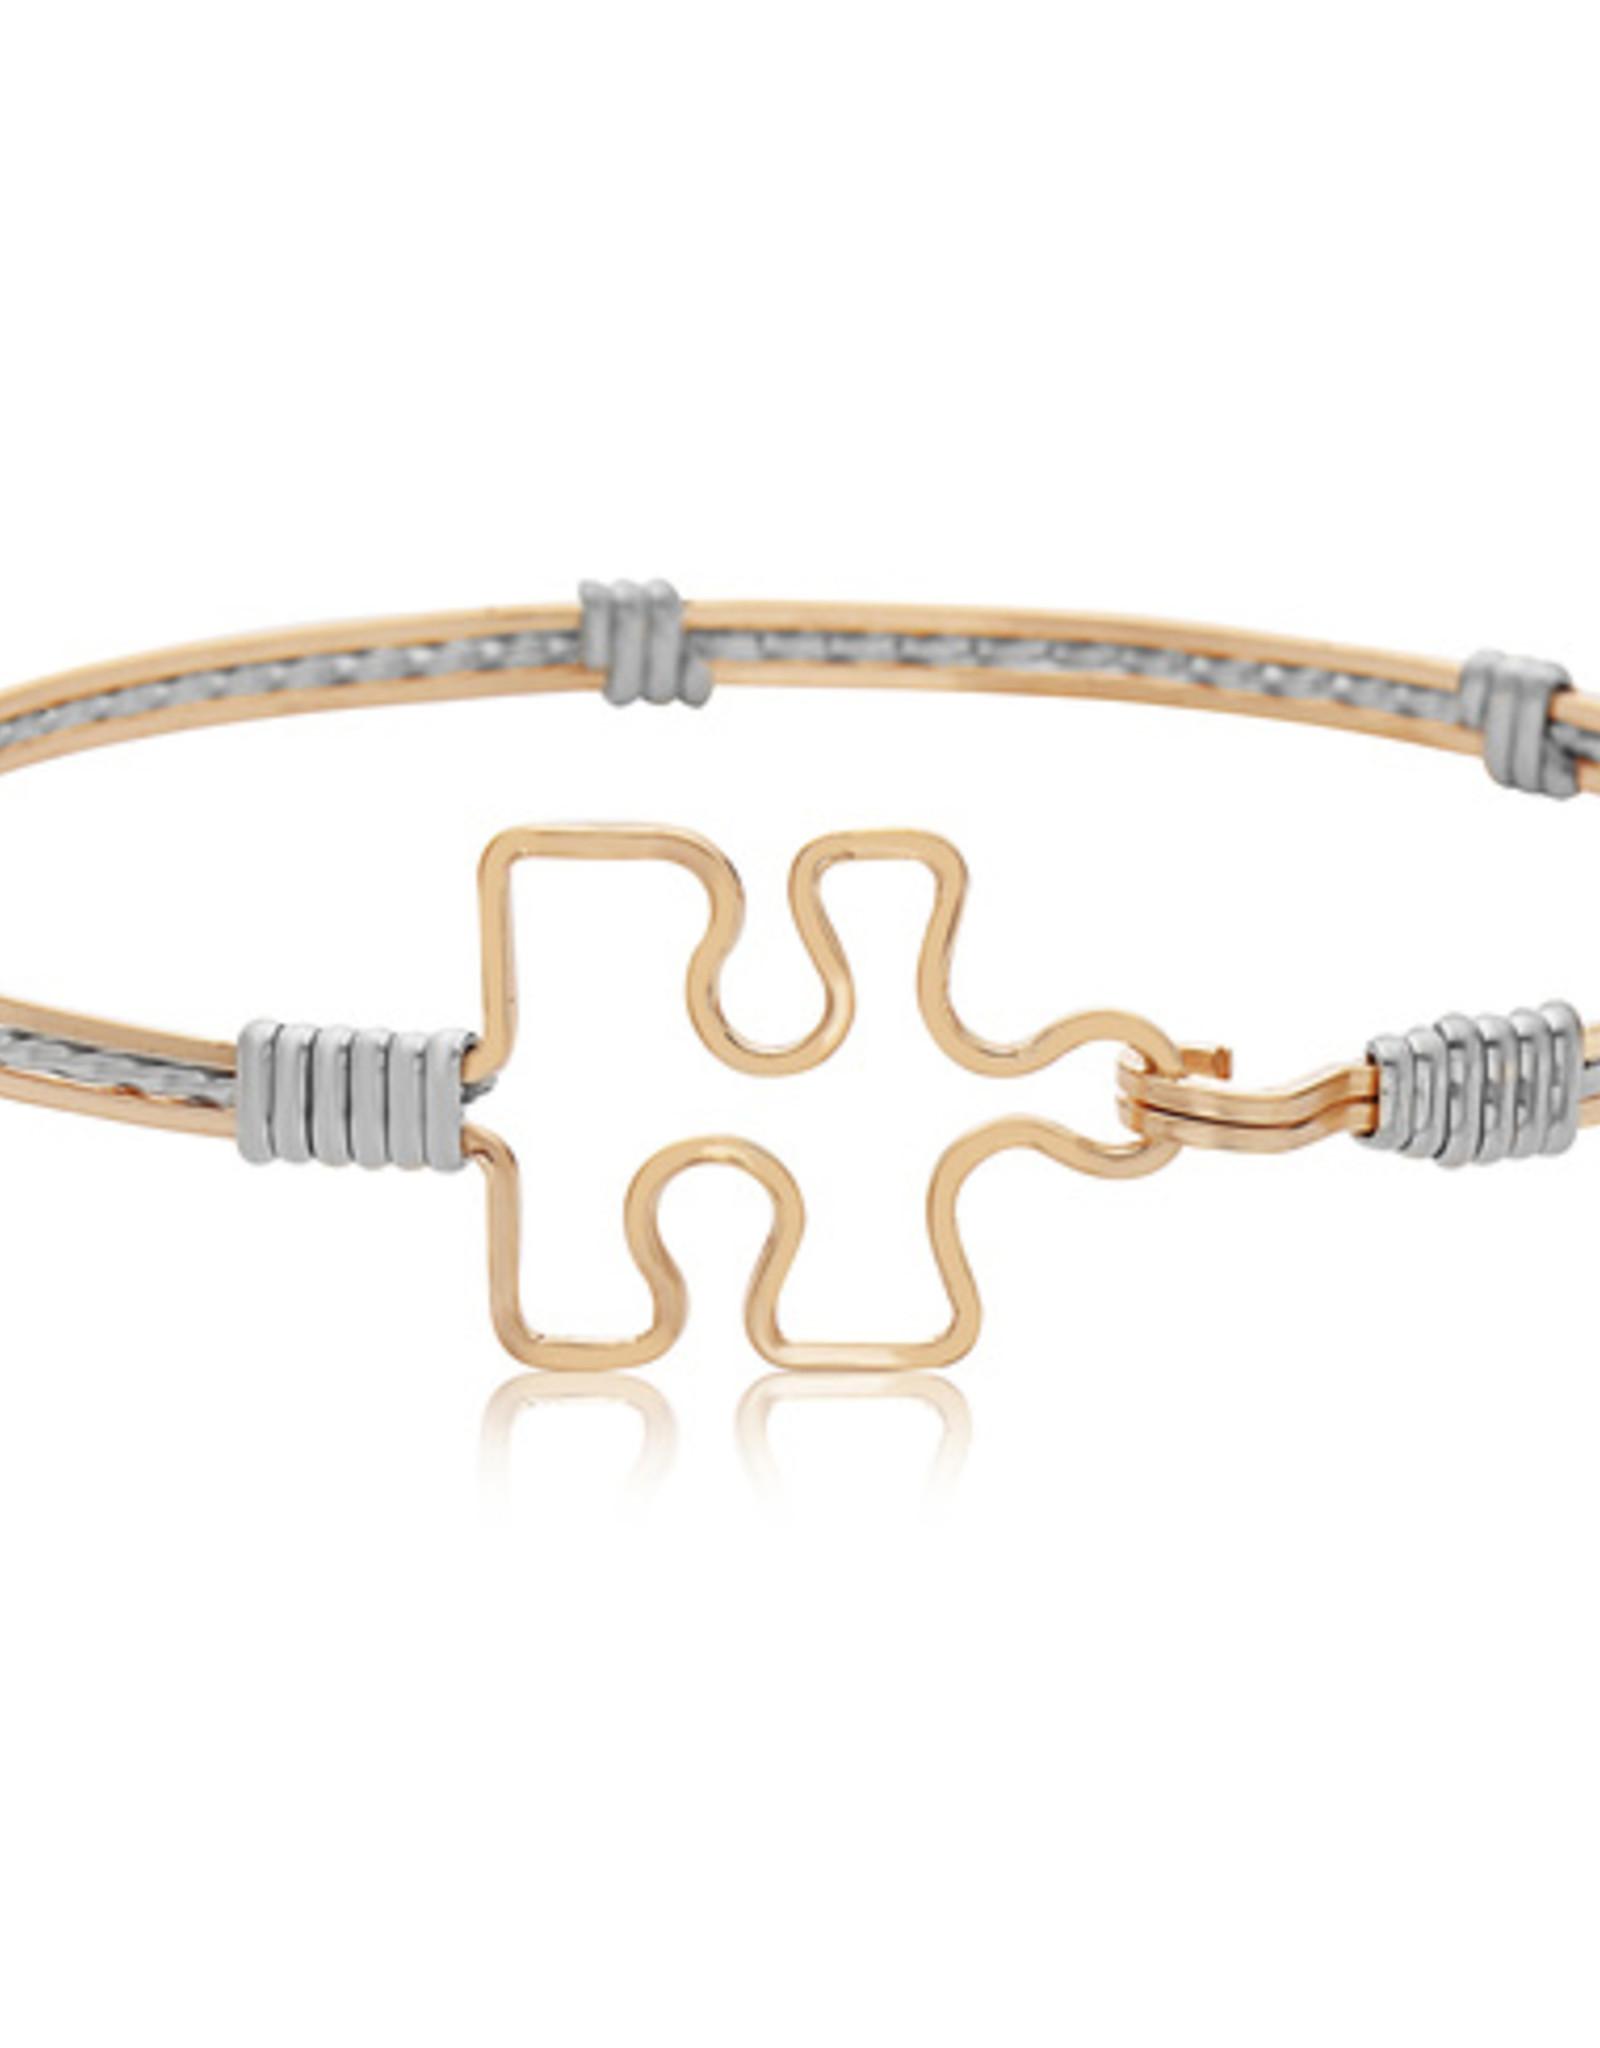 Ronaldo Ronaldo The Perfect Piece Bracelet